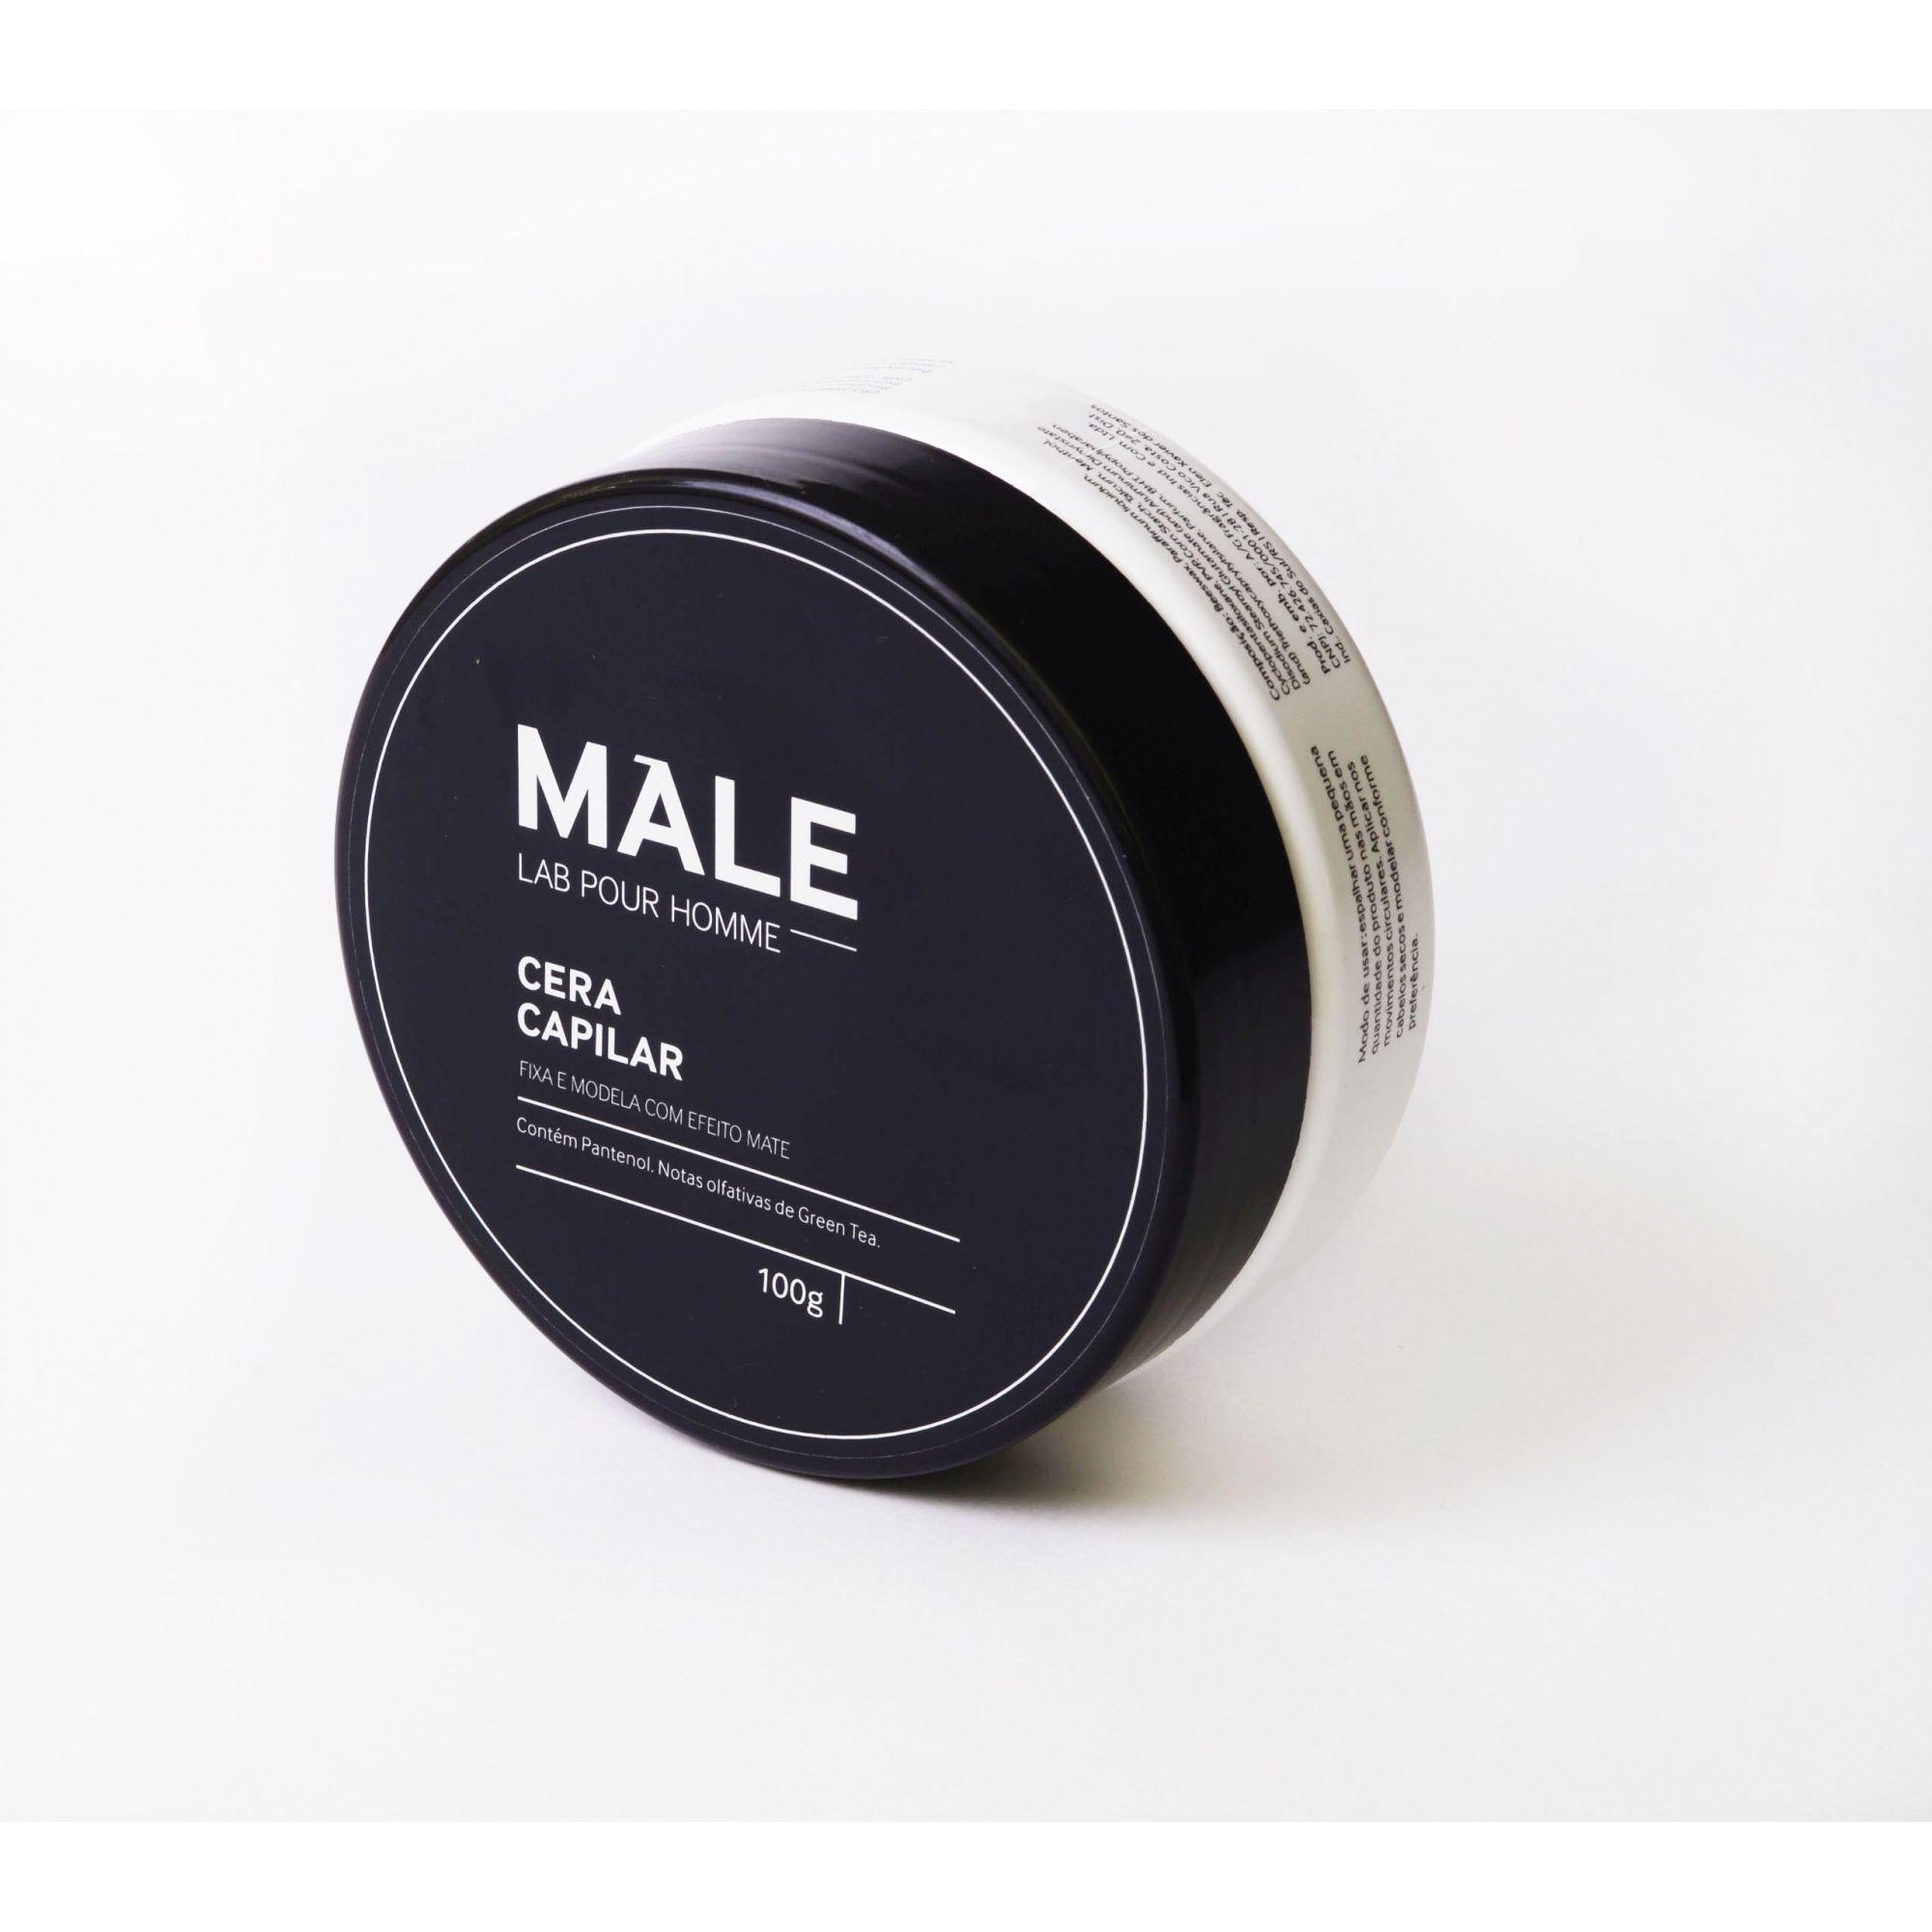 Cera Modeladora Efeito Mate| Male Lab Pour Homme